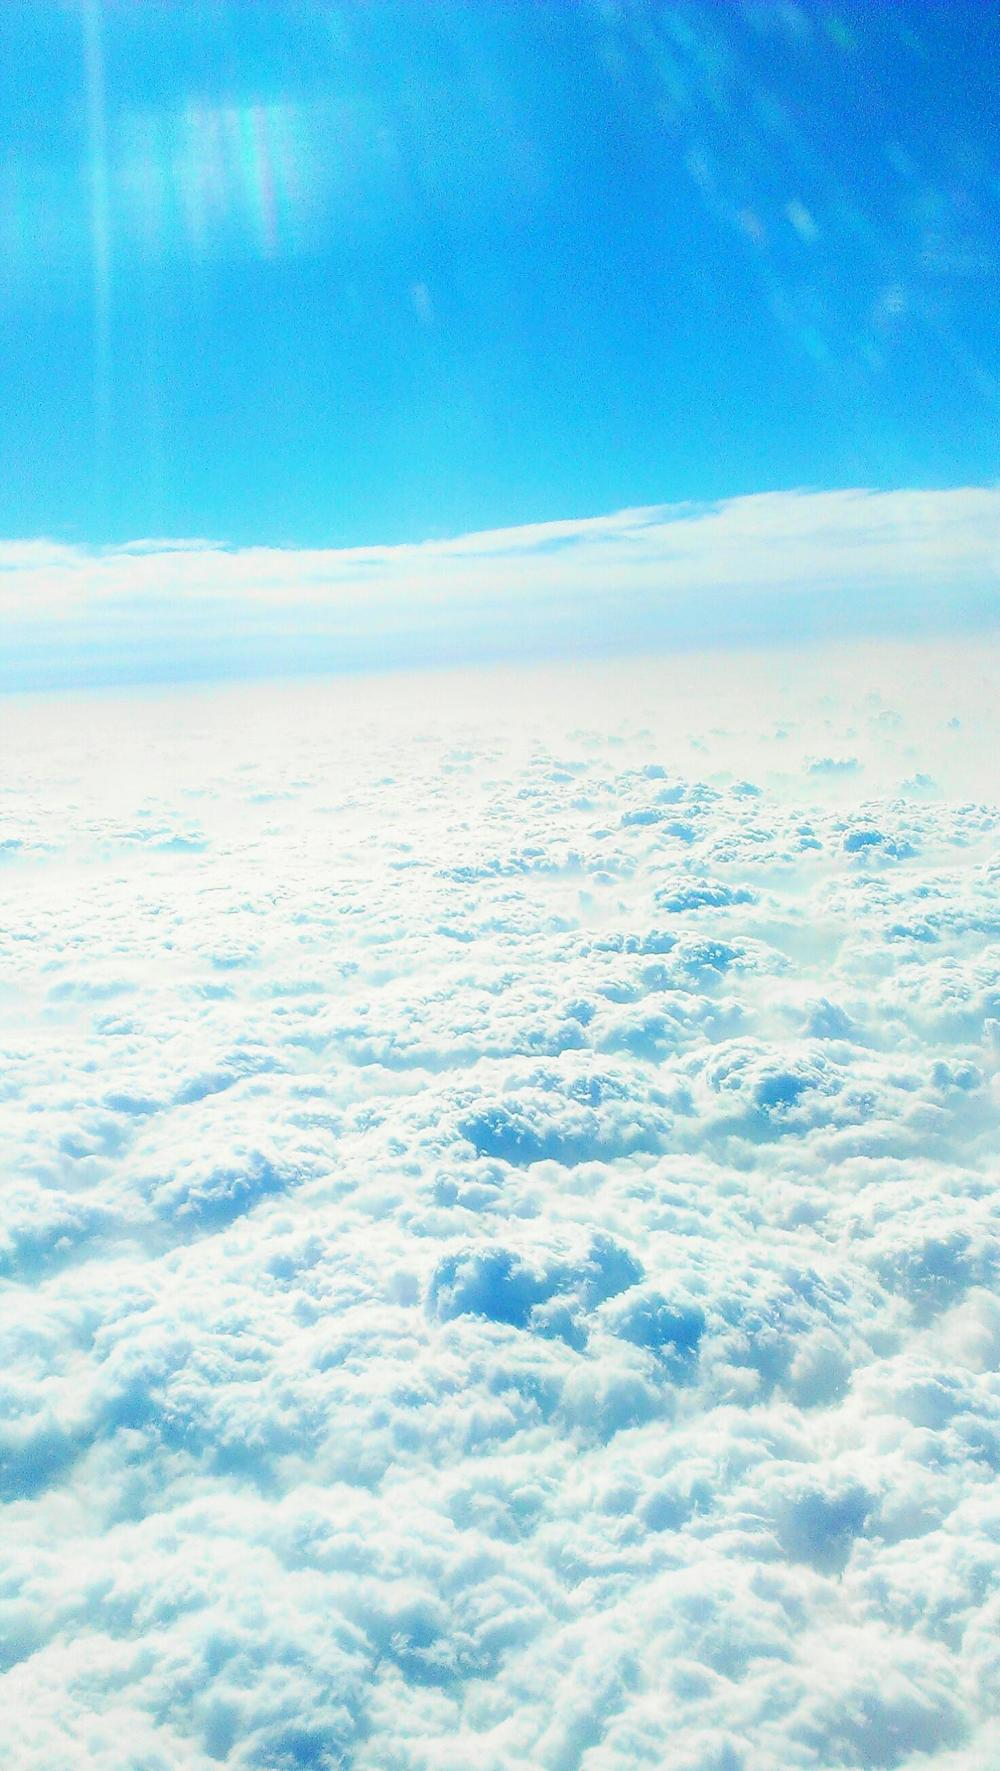 上海帰りの上空